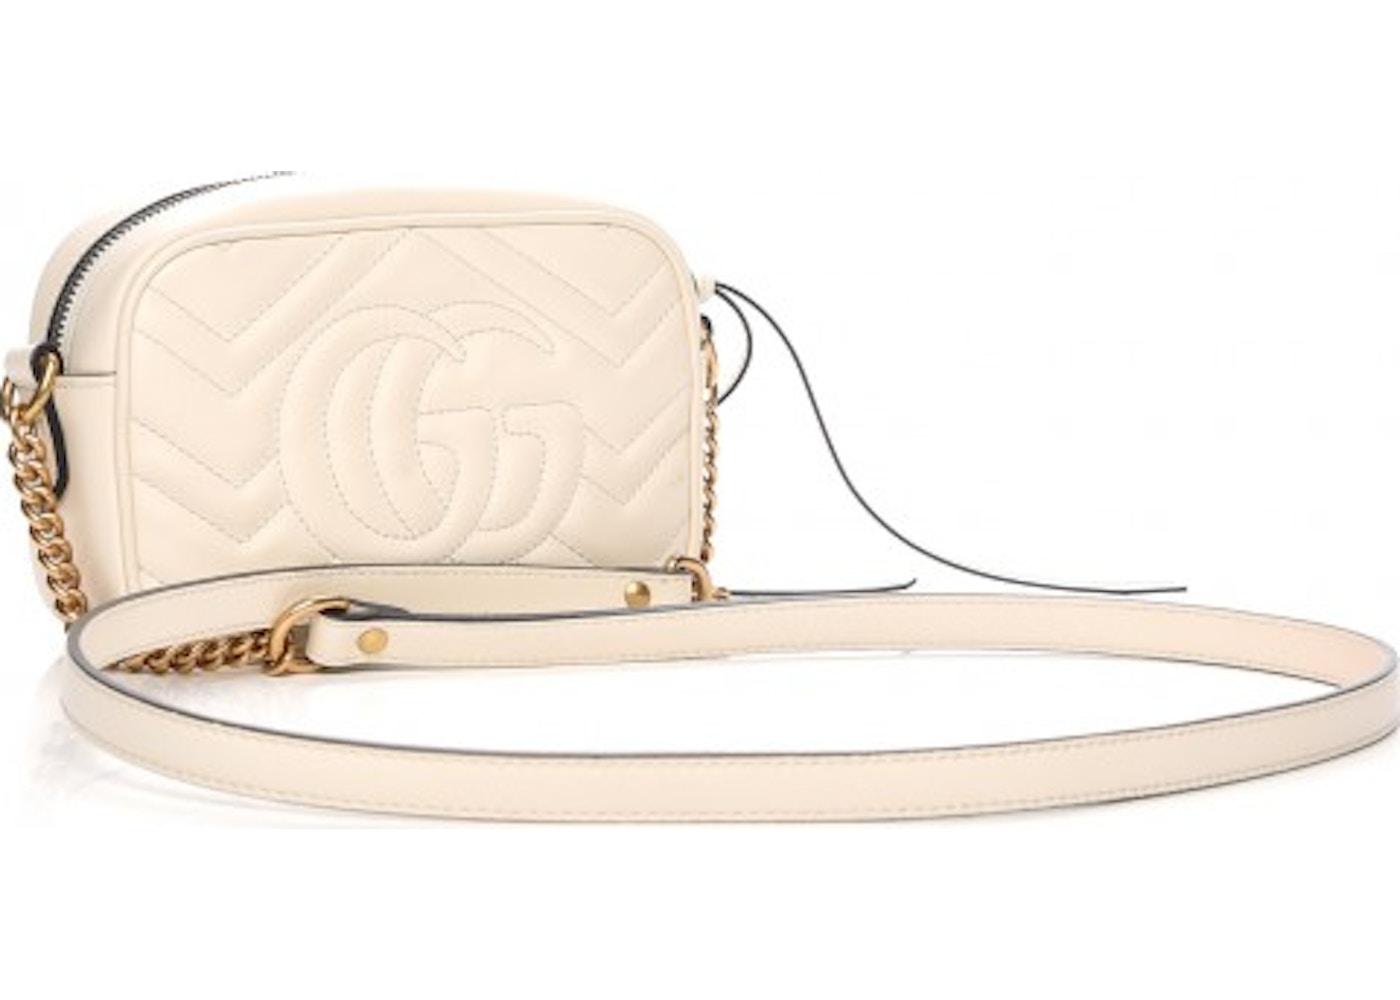 21ce65e24 Gucci Marmont Crossbody Matelasse Mini White